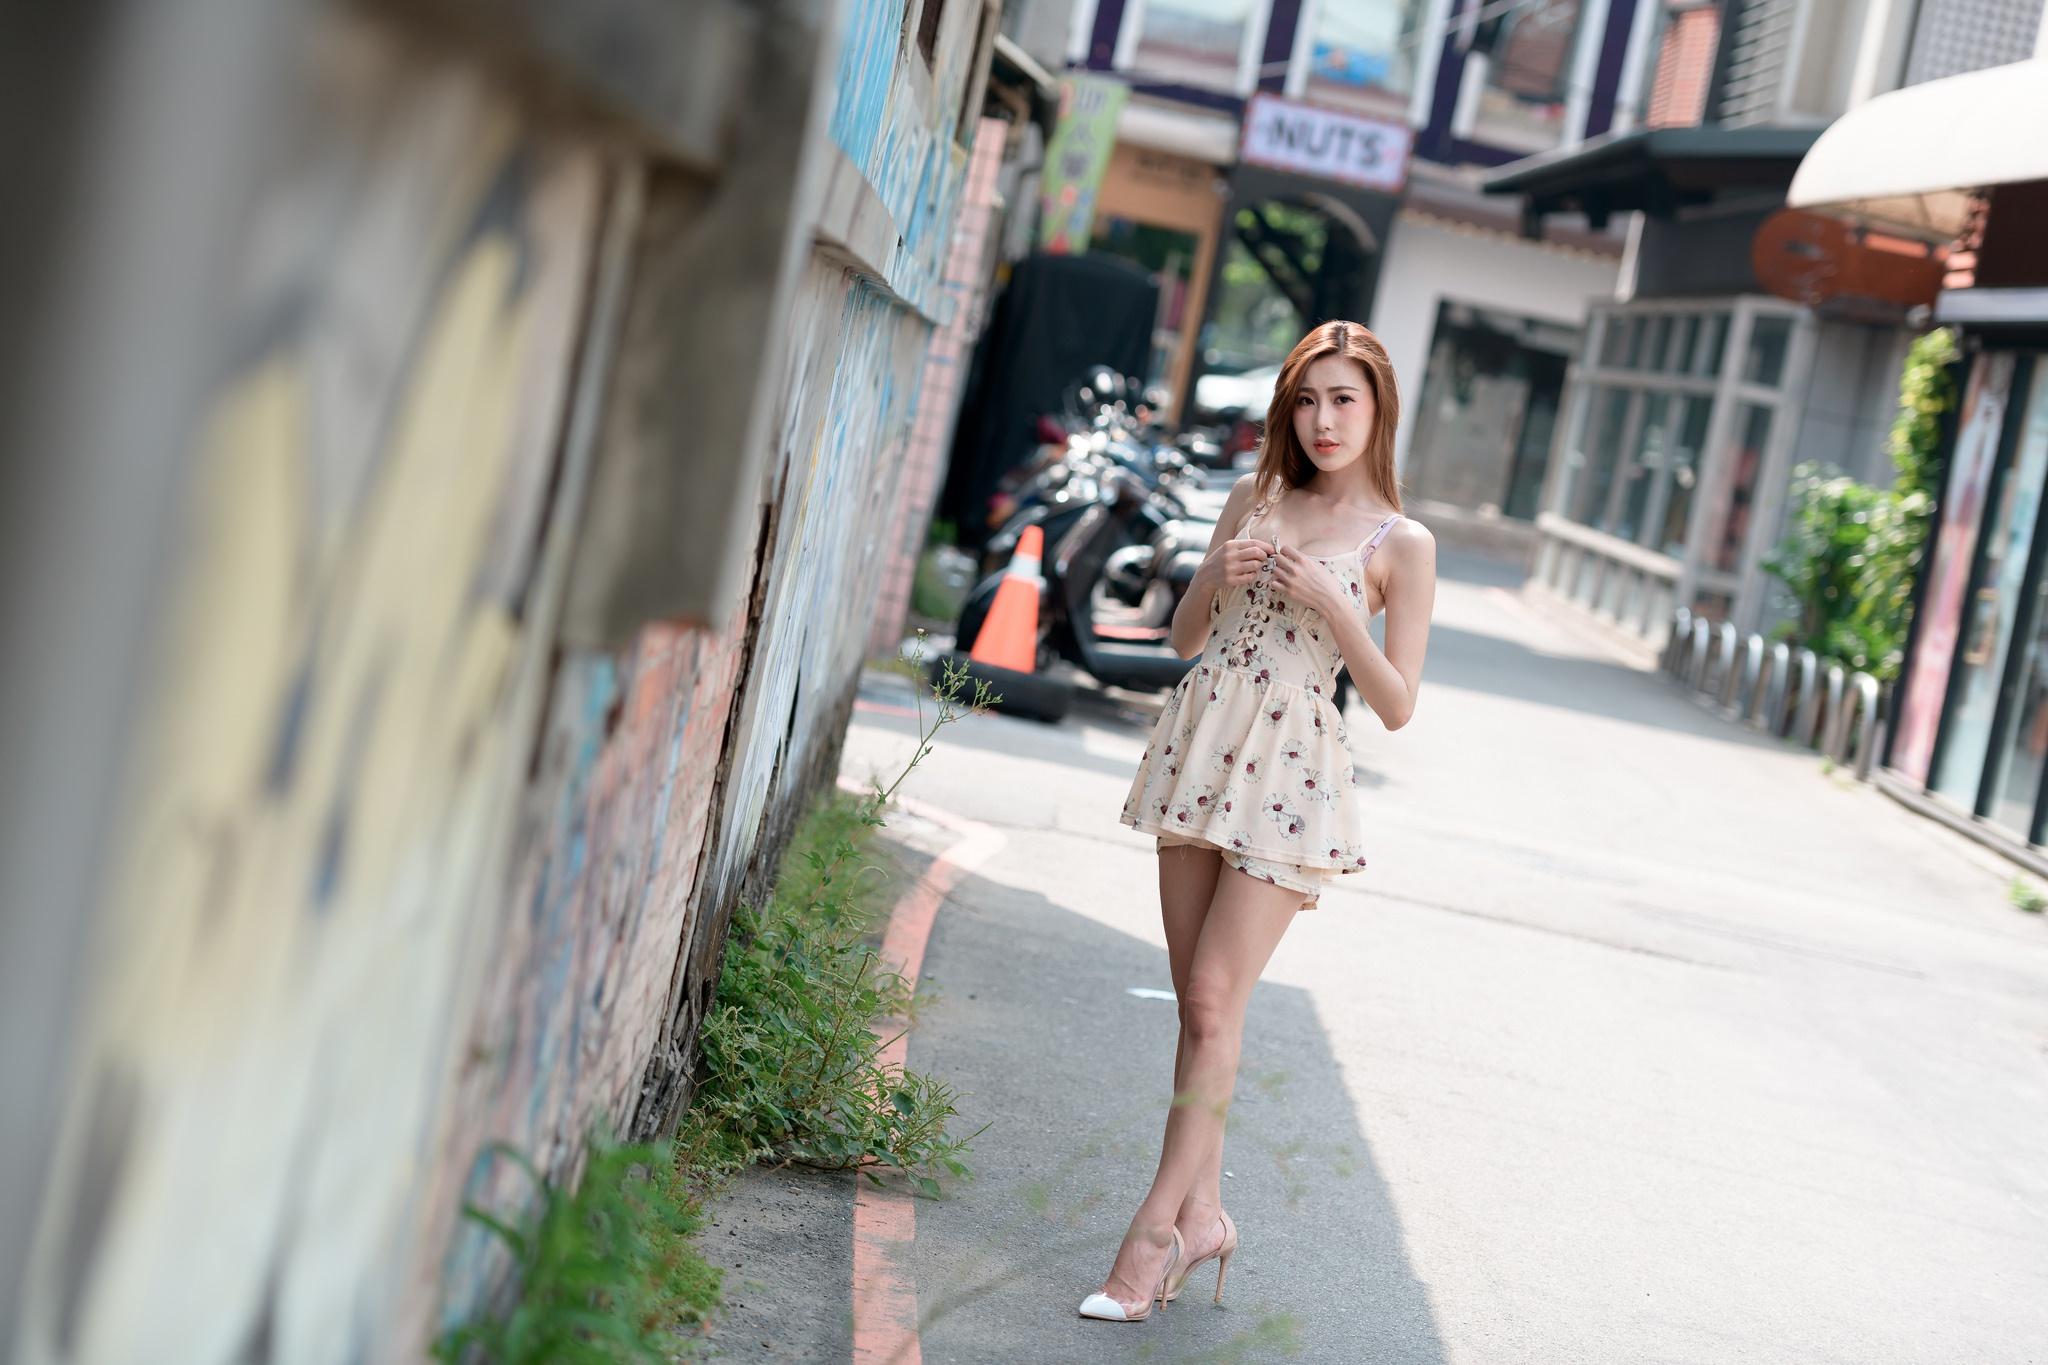 сжав меня женские ноги на улицах фото привыкшему ватерклозету